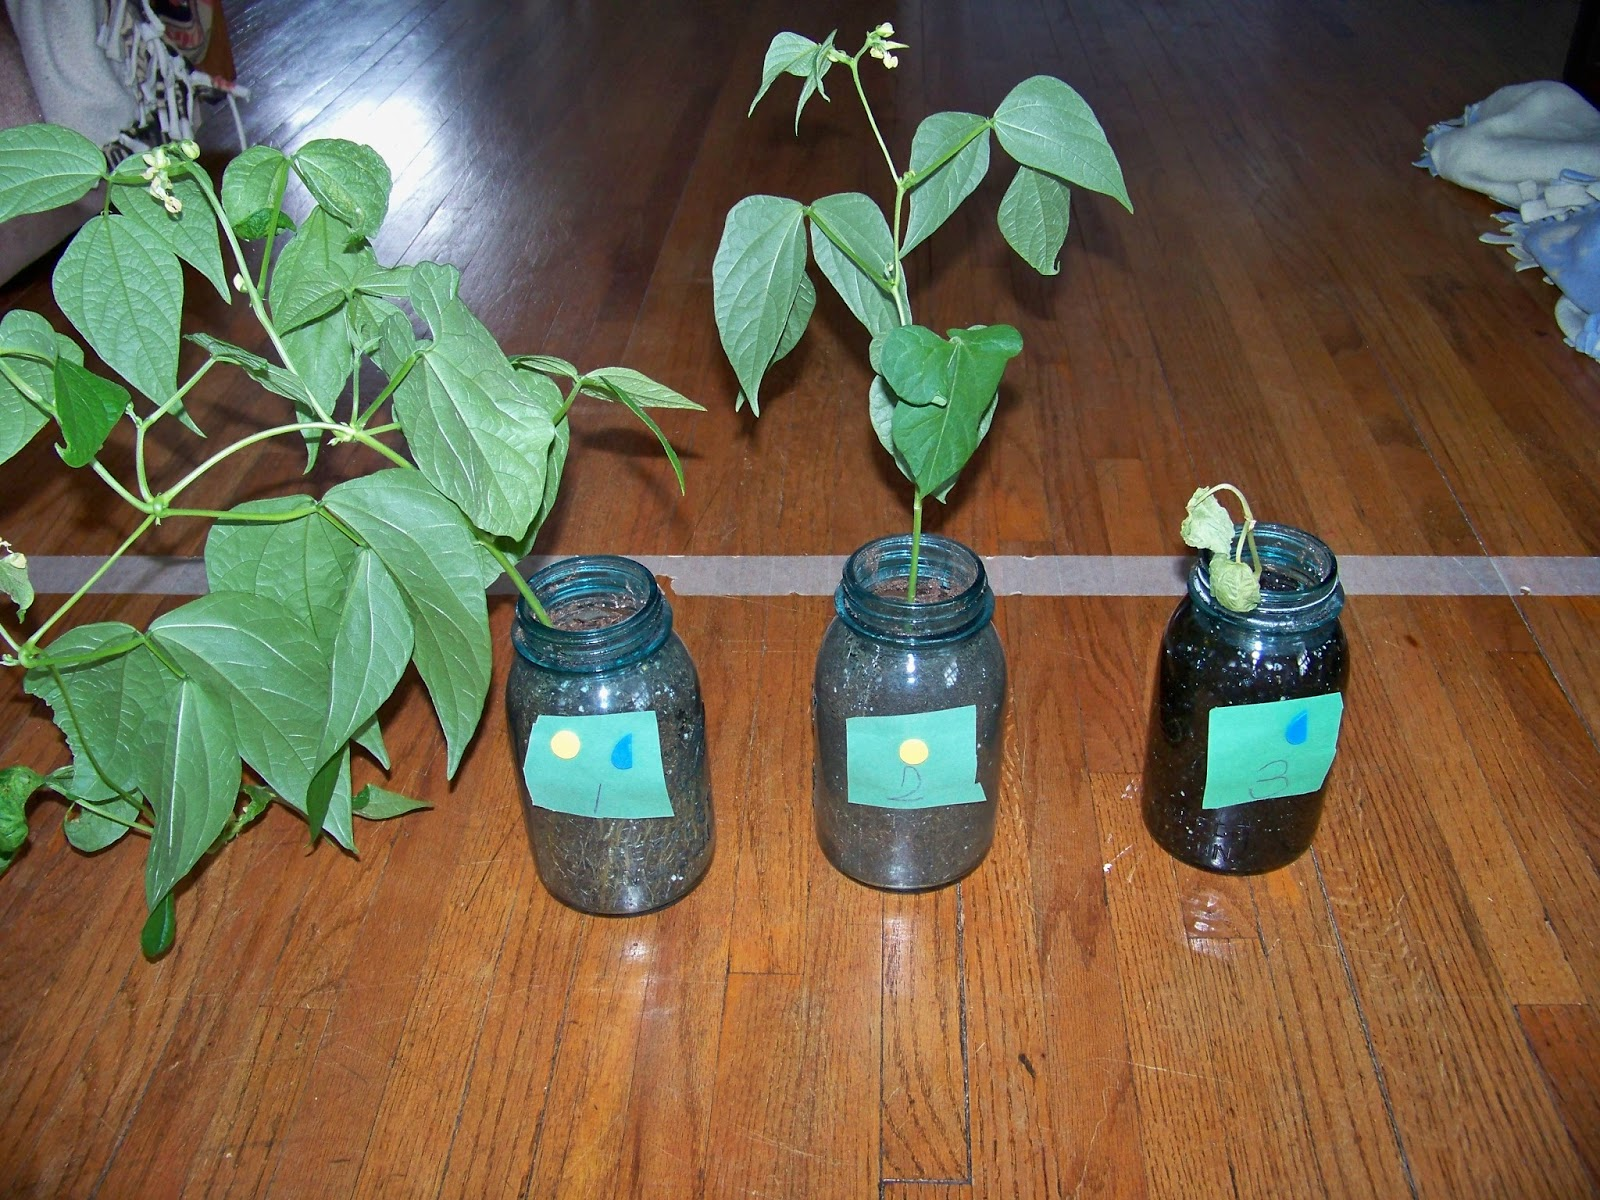 Bean Plant Experiment Finale